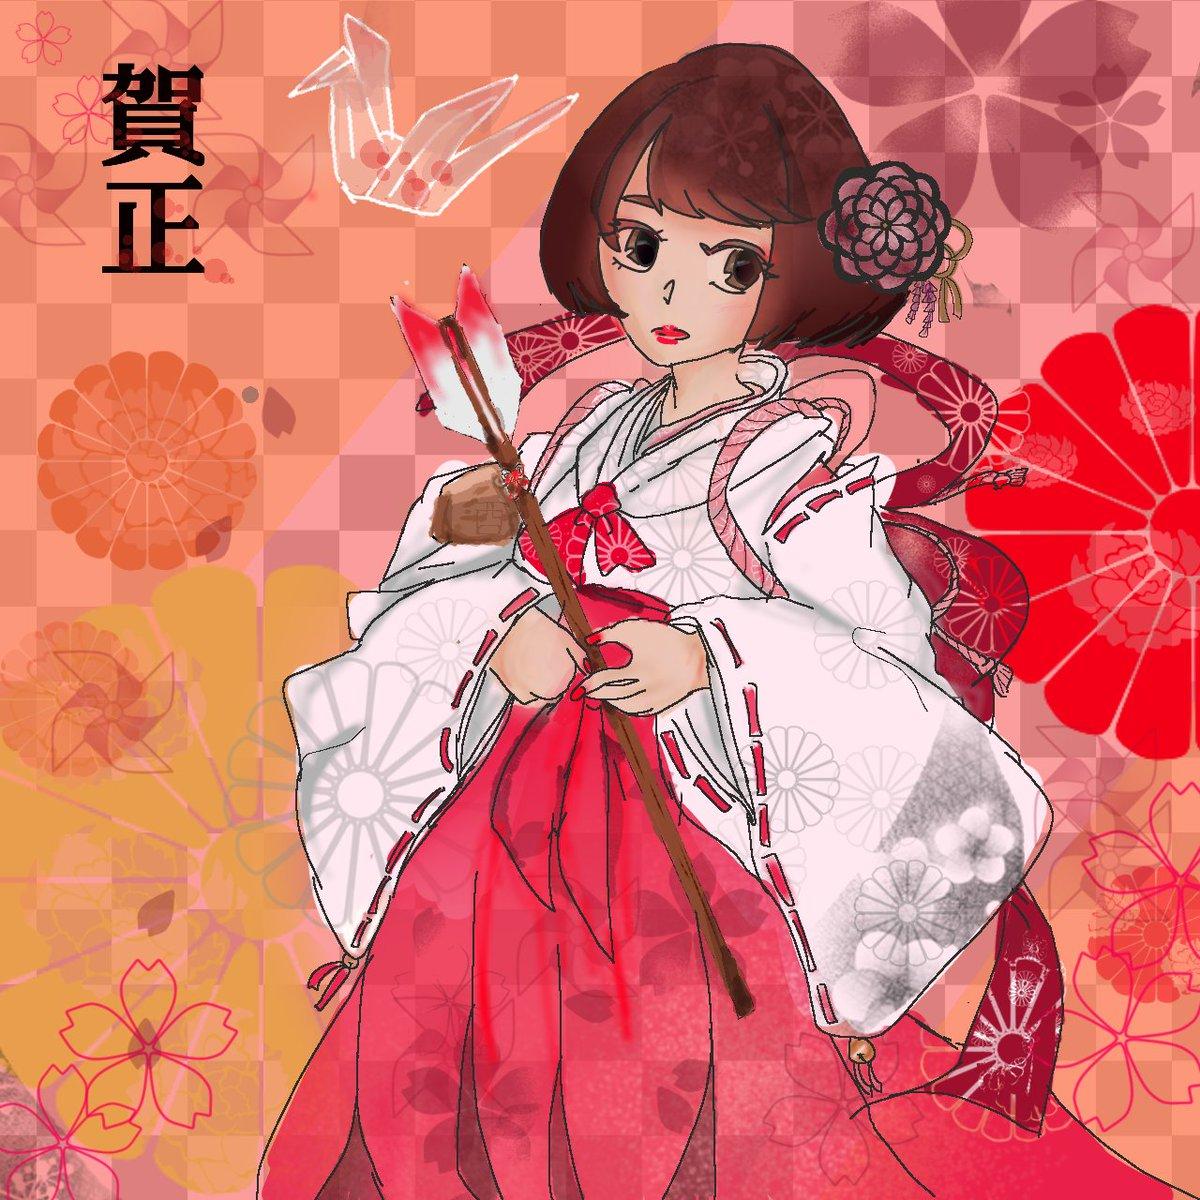 遅れました!今年は酉年ということで、鶴姫(?)を描きさせていただきました!#BASARAクラスタと繋がりたい#戦国bas